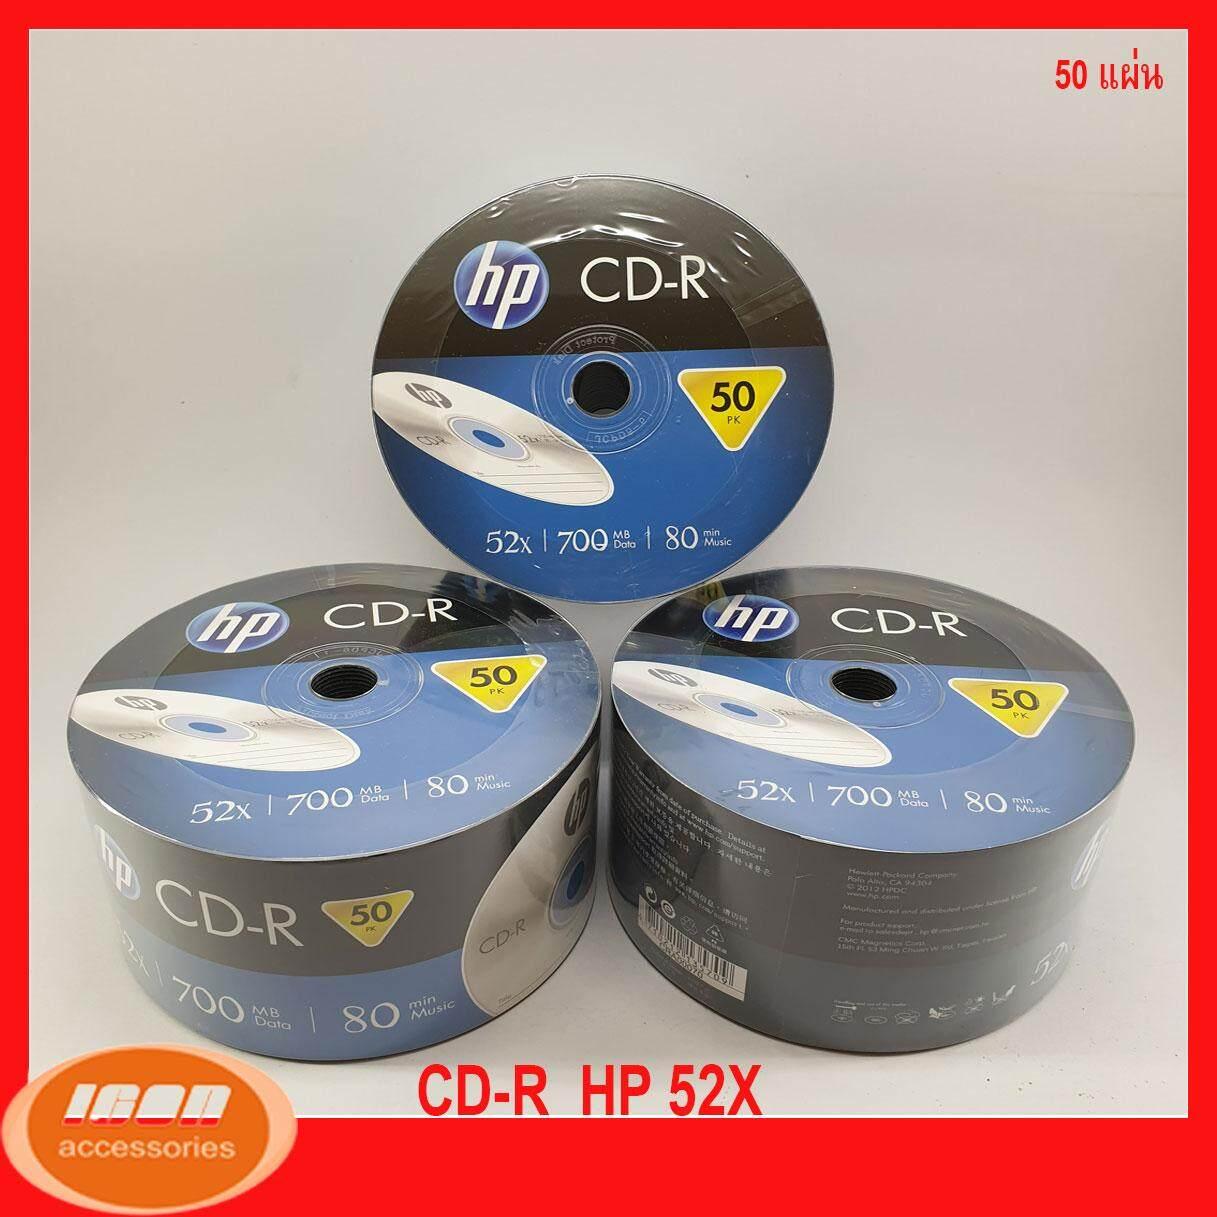 Cd-R Hp 52x 50pcs Nobox แผ่นซีดีเอชพี (กลุ่ม1).